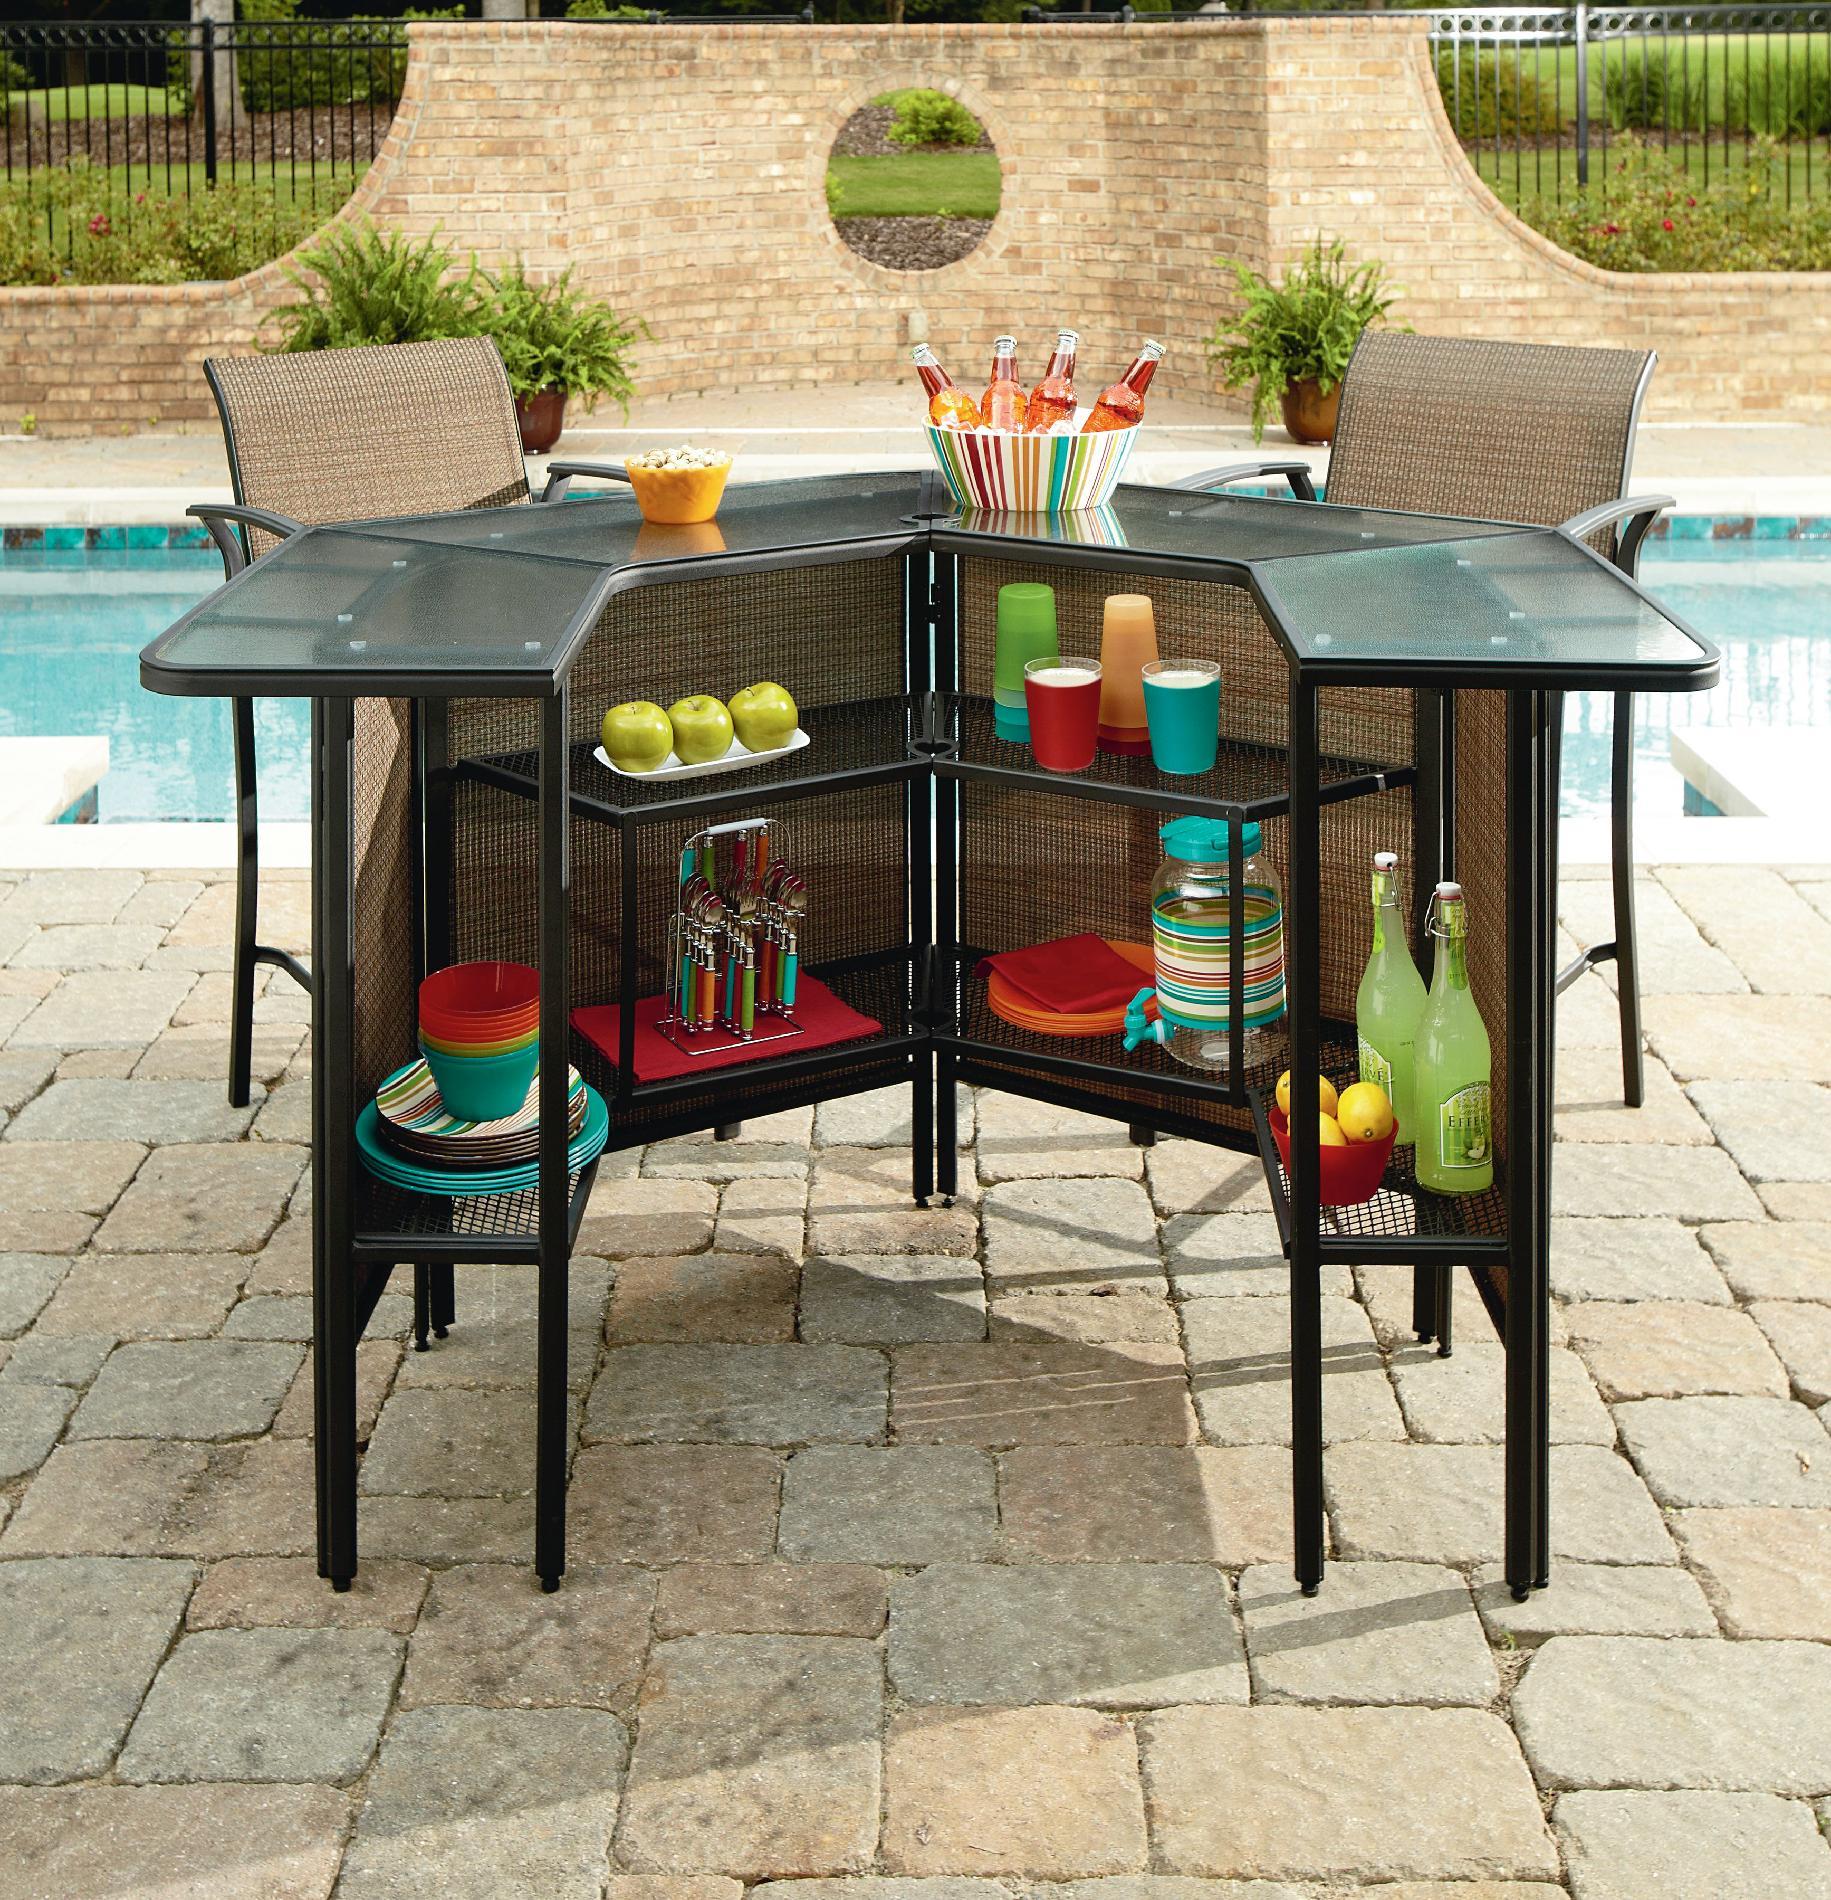 Outdoor bar set garden oasis harrison 5 piece bar set *limited availability* 2 MOPIKPX